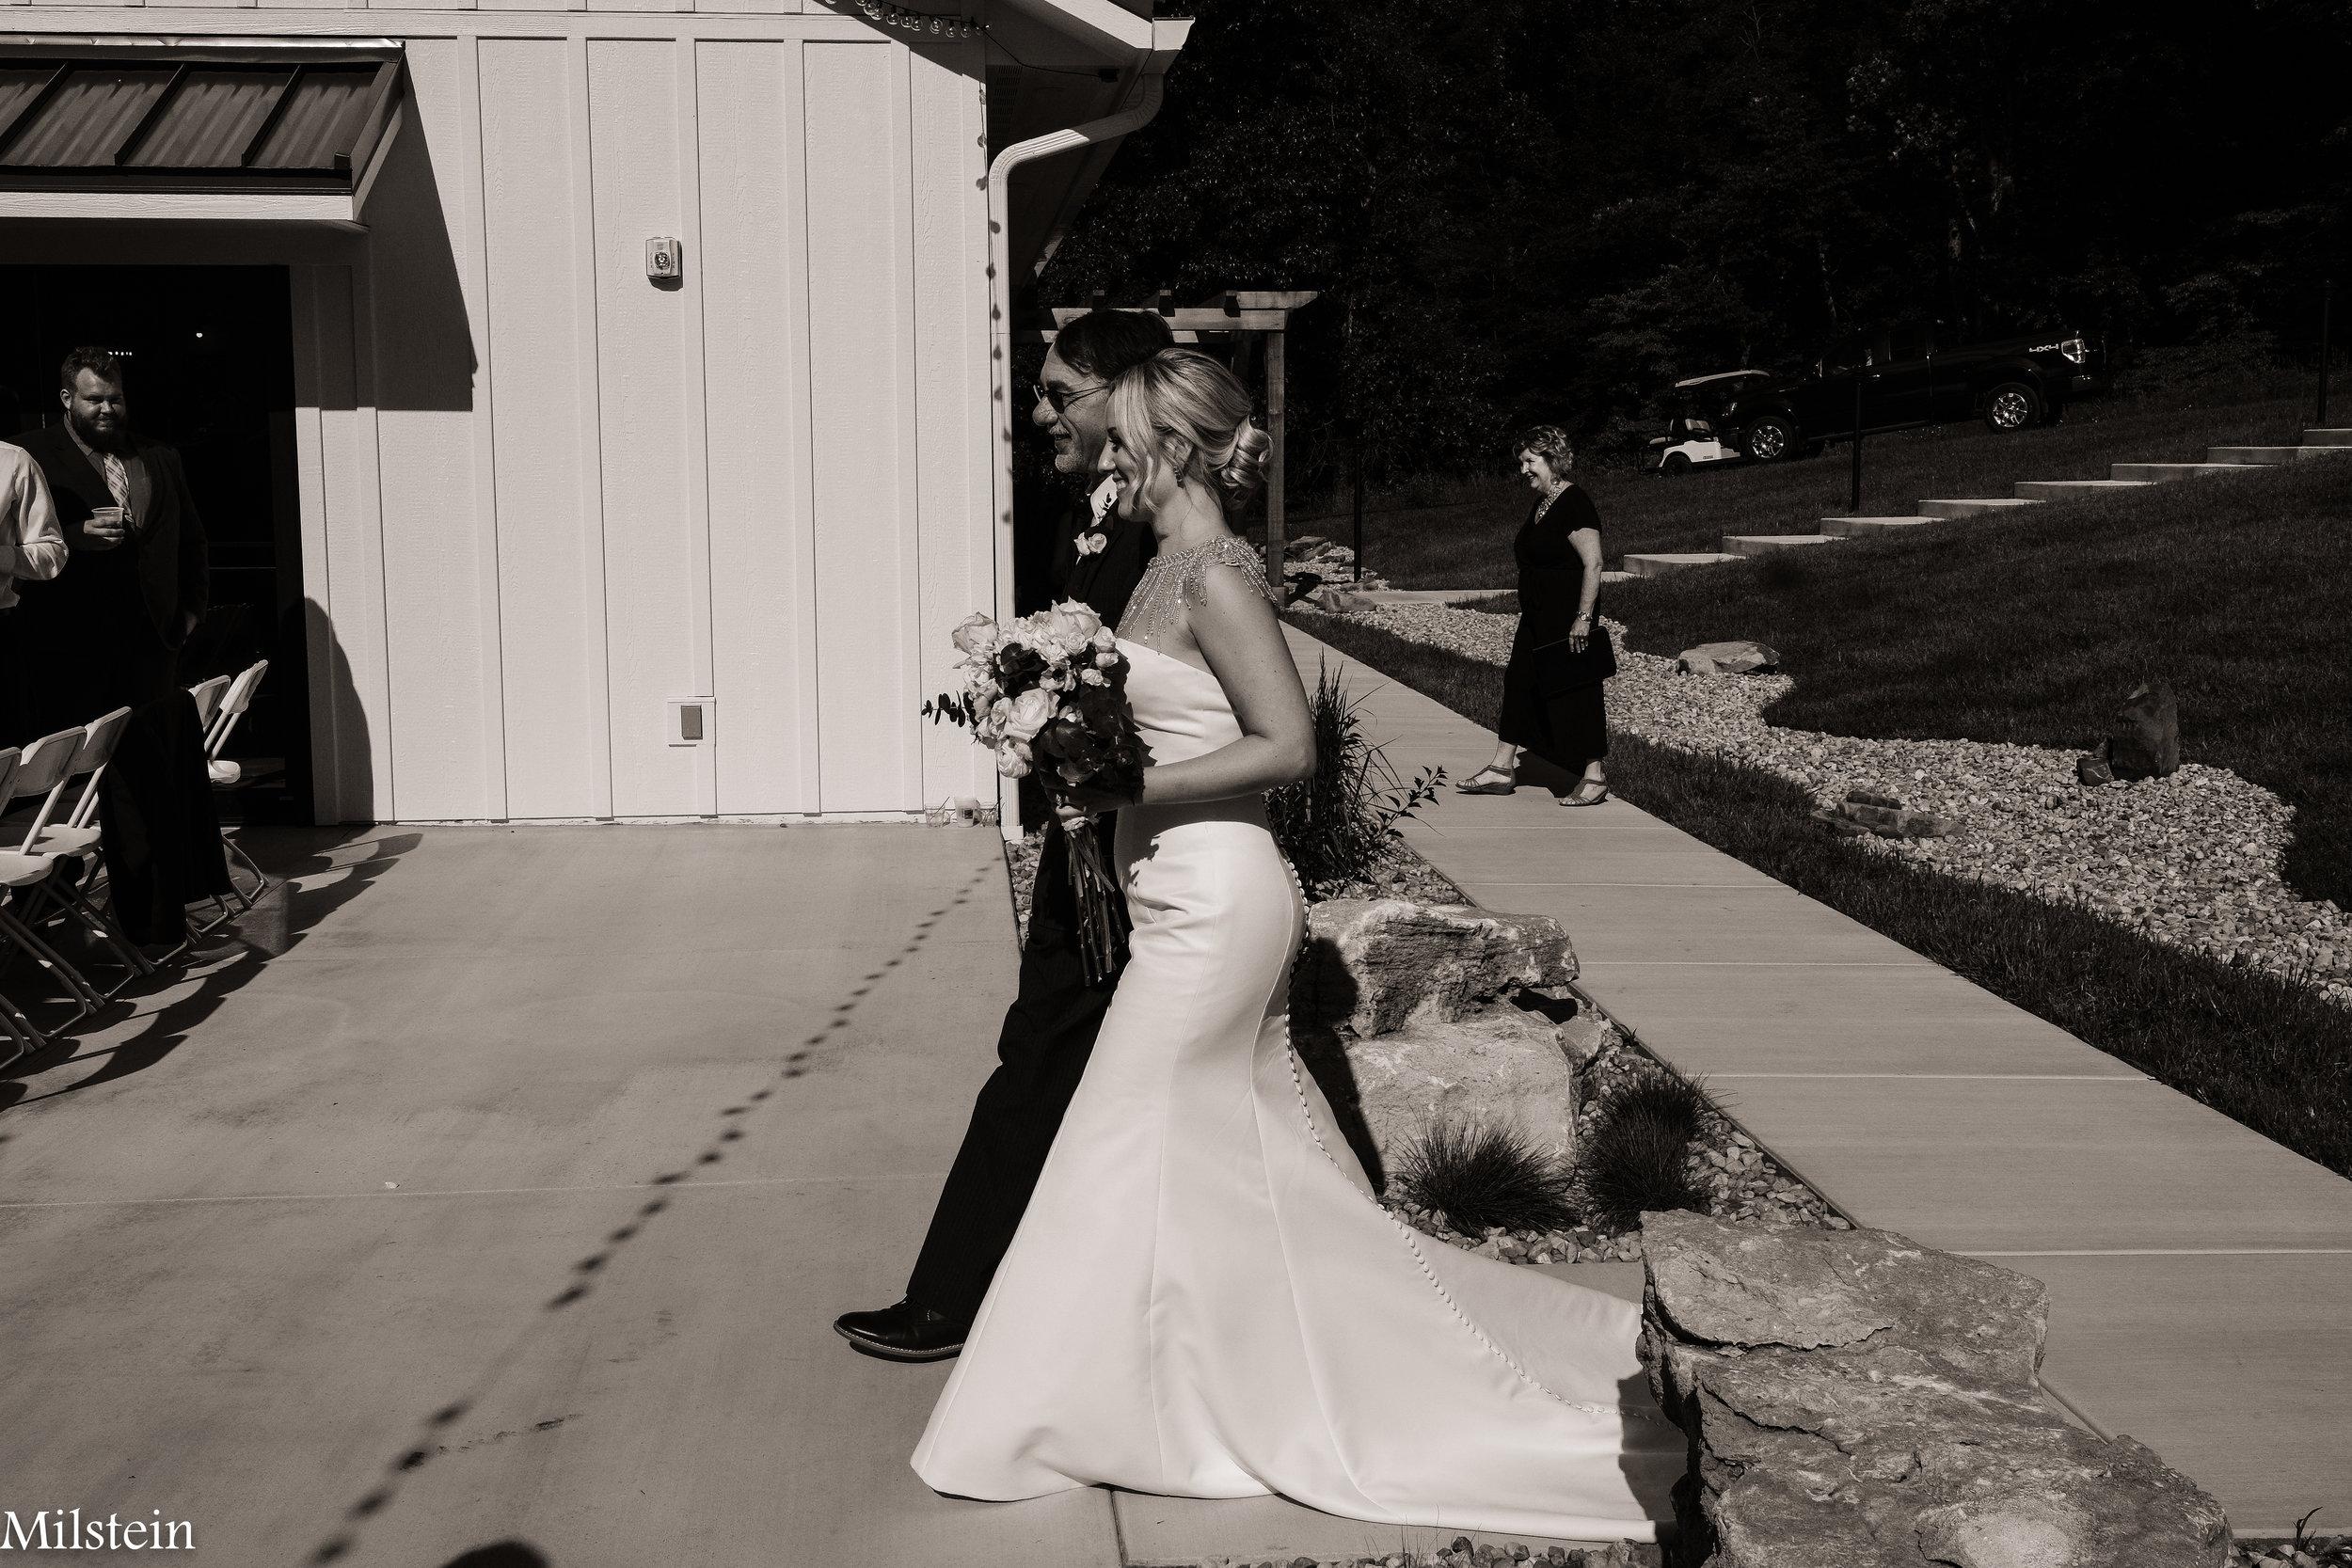 black-and-white-wedding-photos-amy-milstein